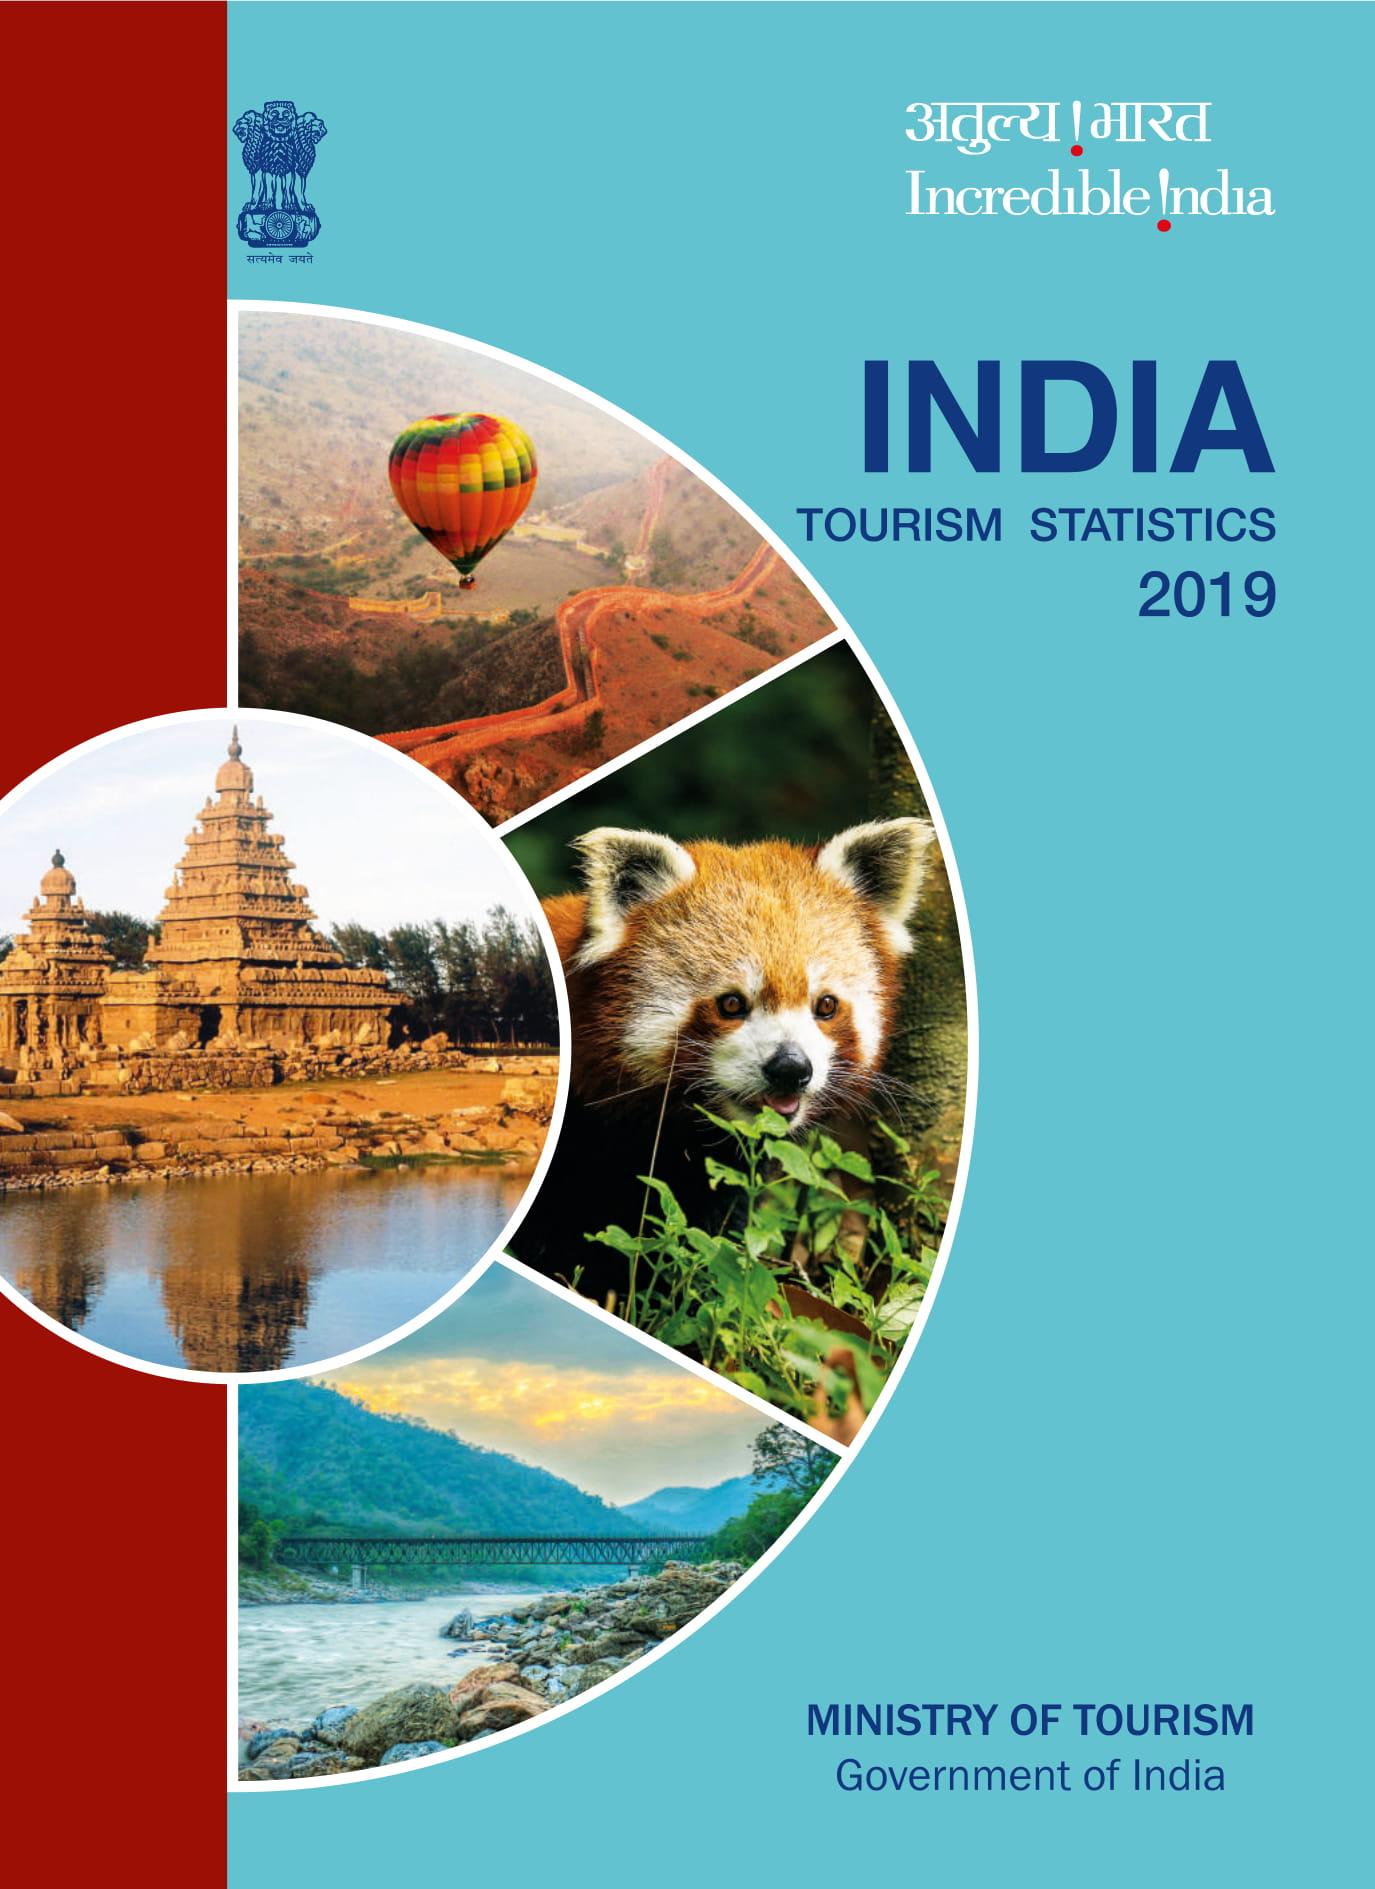 印度旅游部:2019年印度旅游统计数据